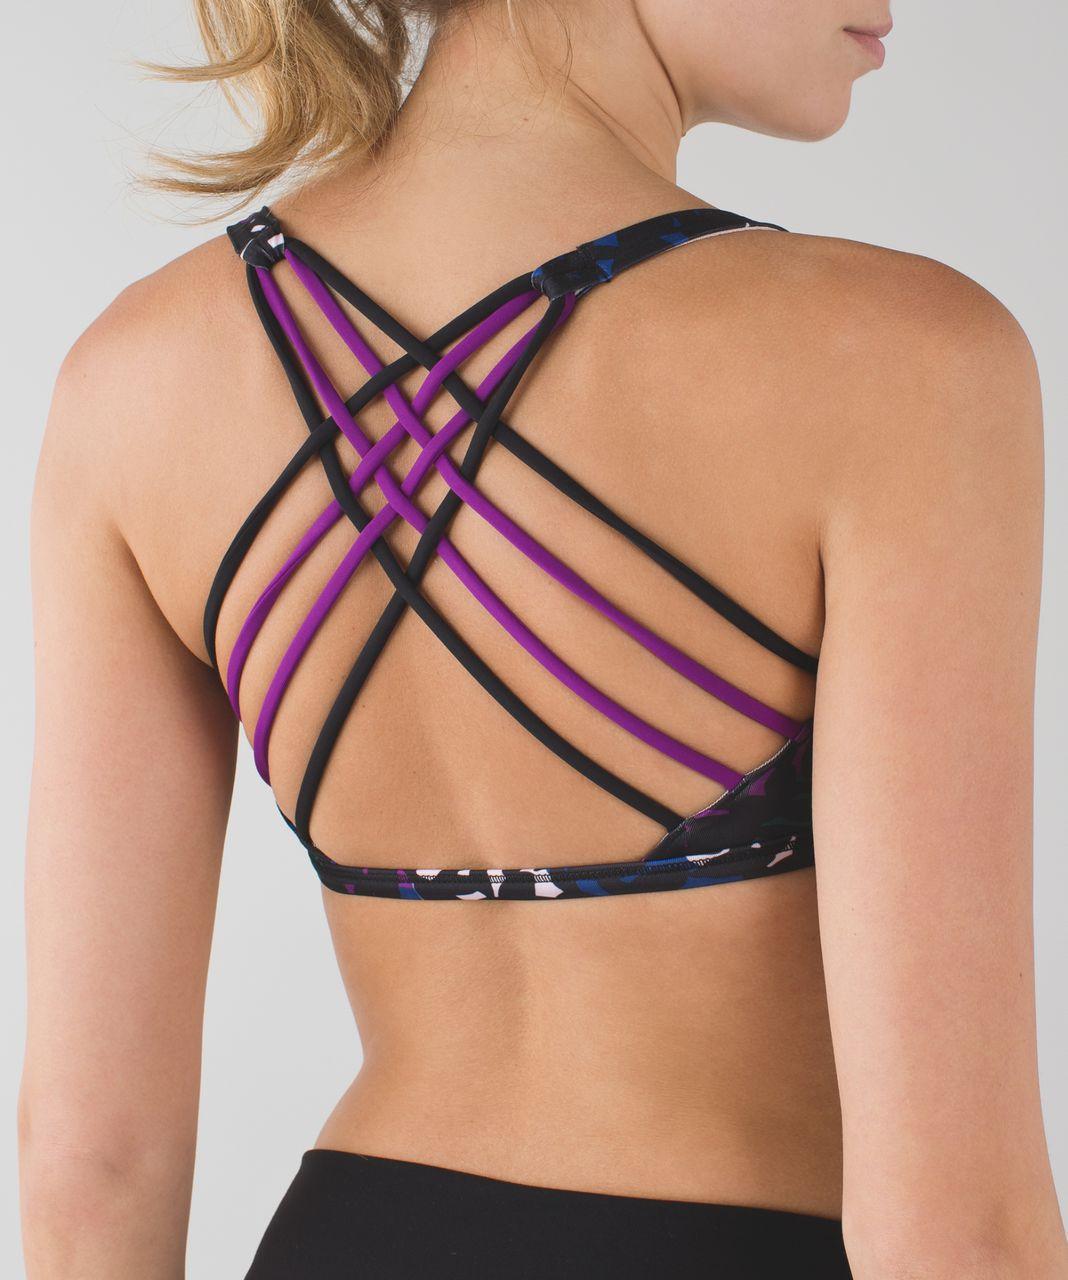 Lululemon Free To Be Bra *Wild - Shadow Wrap Multi / Black / Tender Violet